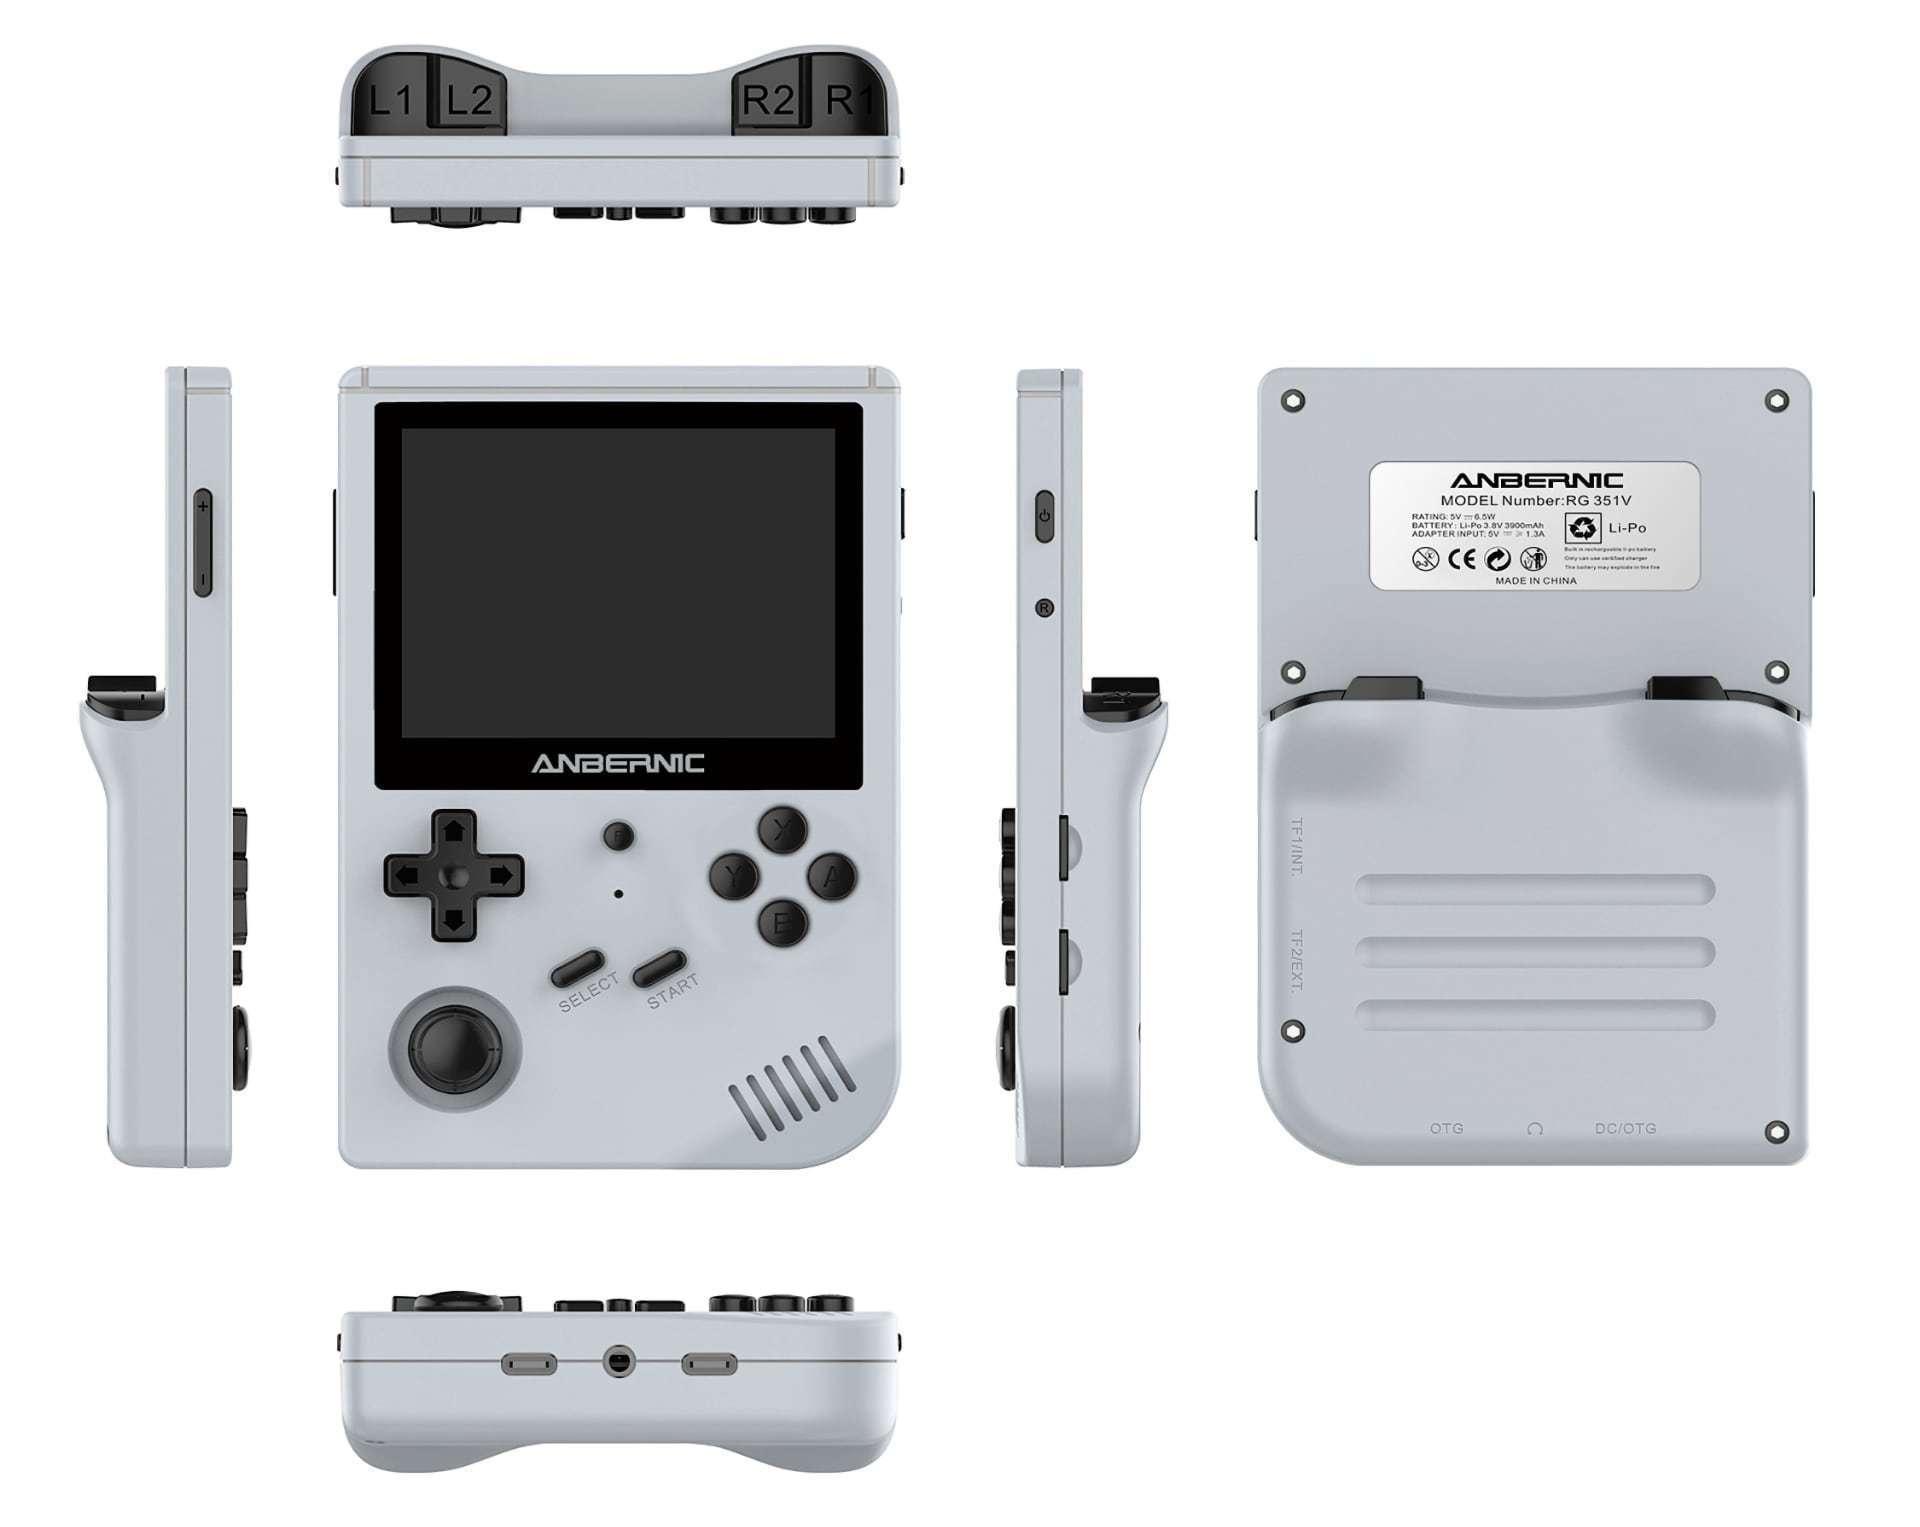 RG351V - Die bislang beste tragbare Konsole für Emulation.